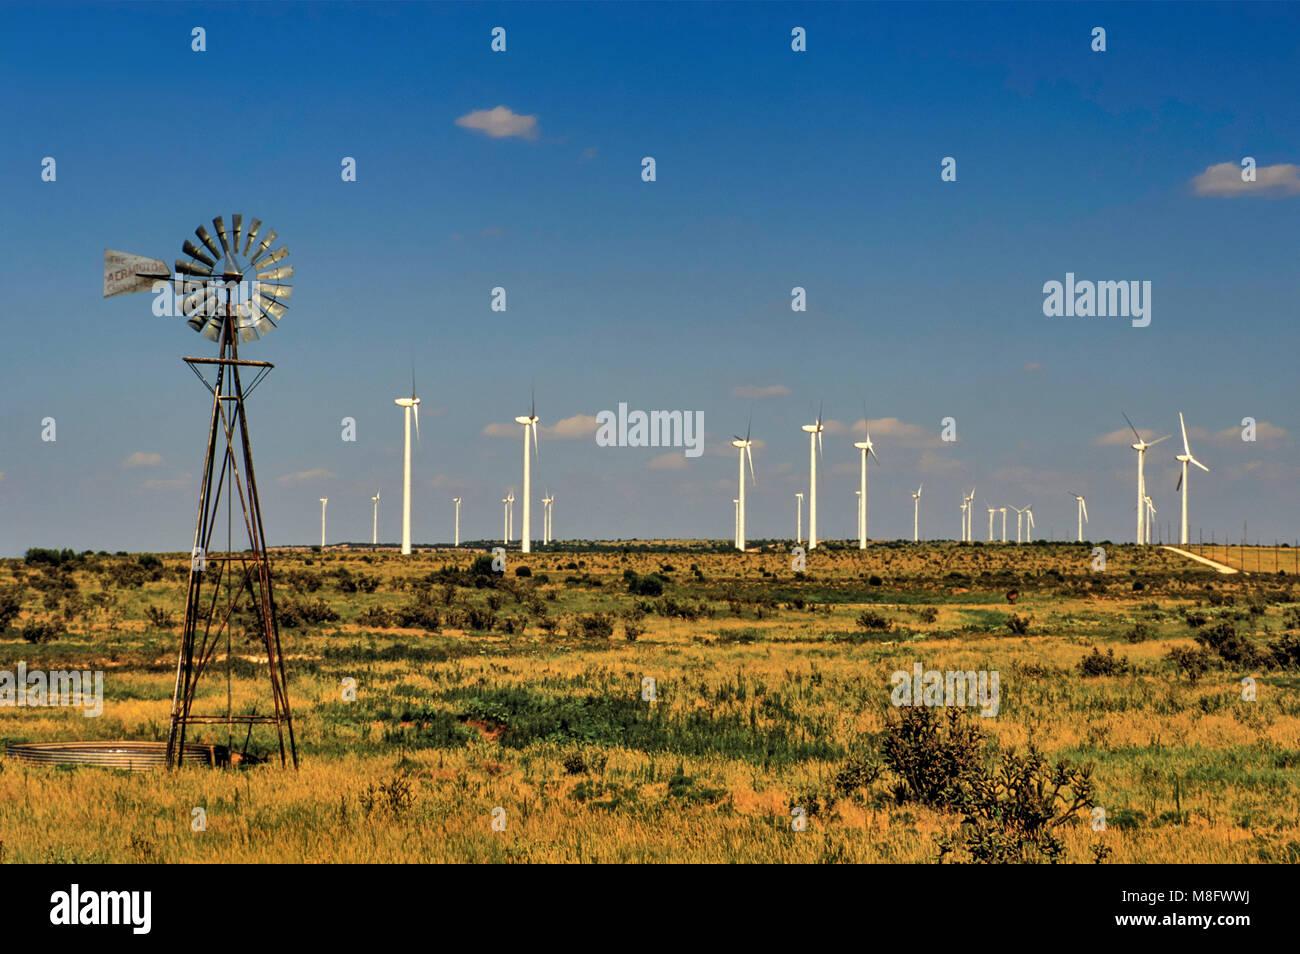 Wind Wasser pumpe und Windkraftanlagen an der Ranch auf Caprock Escarpment, Llano Estacado Hochebene, in der Nähe Stockbild